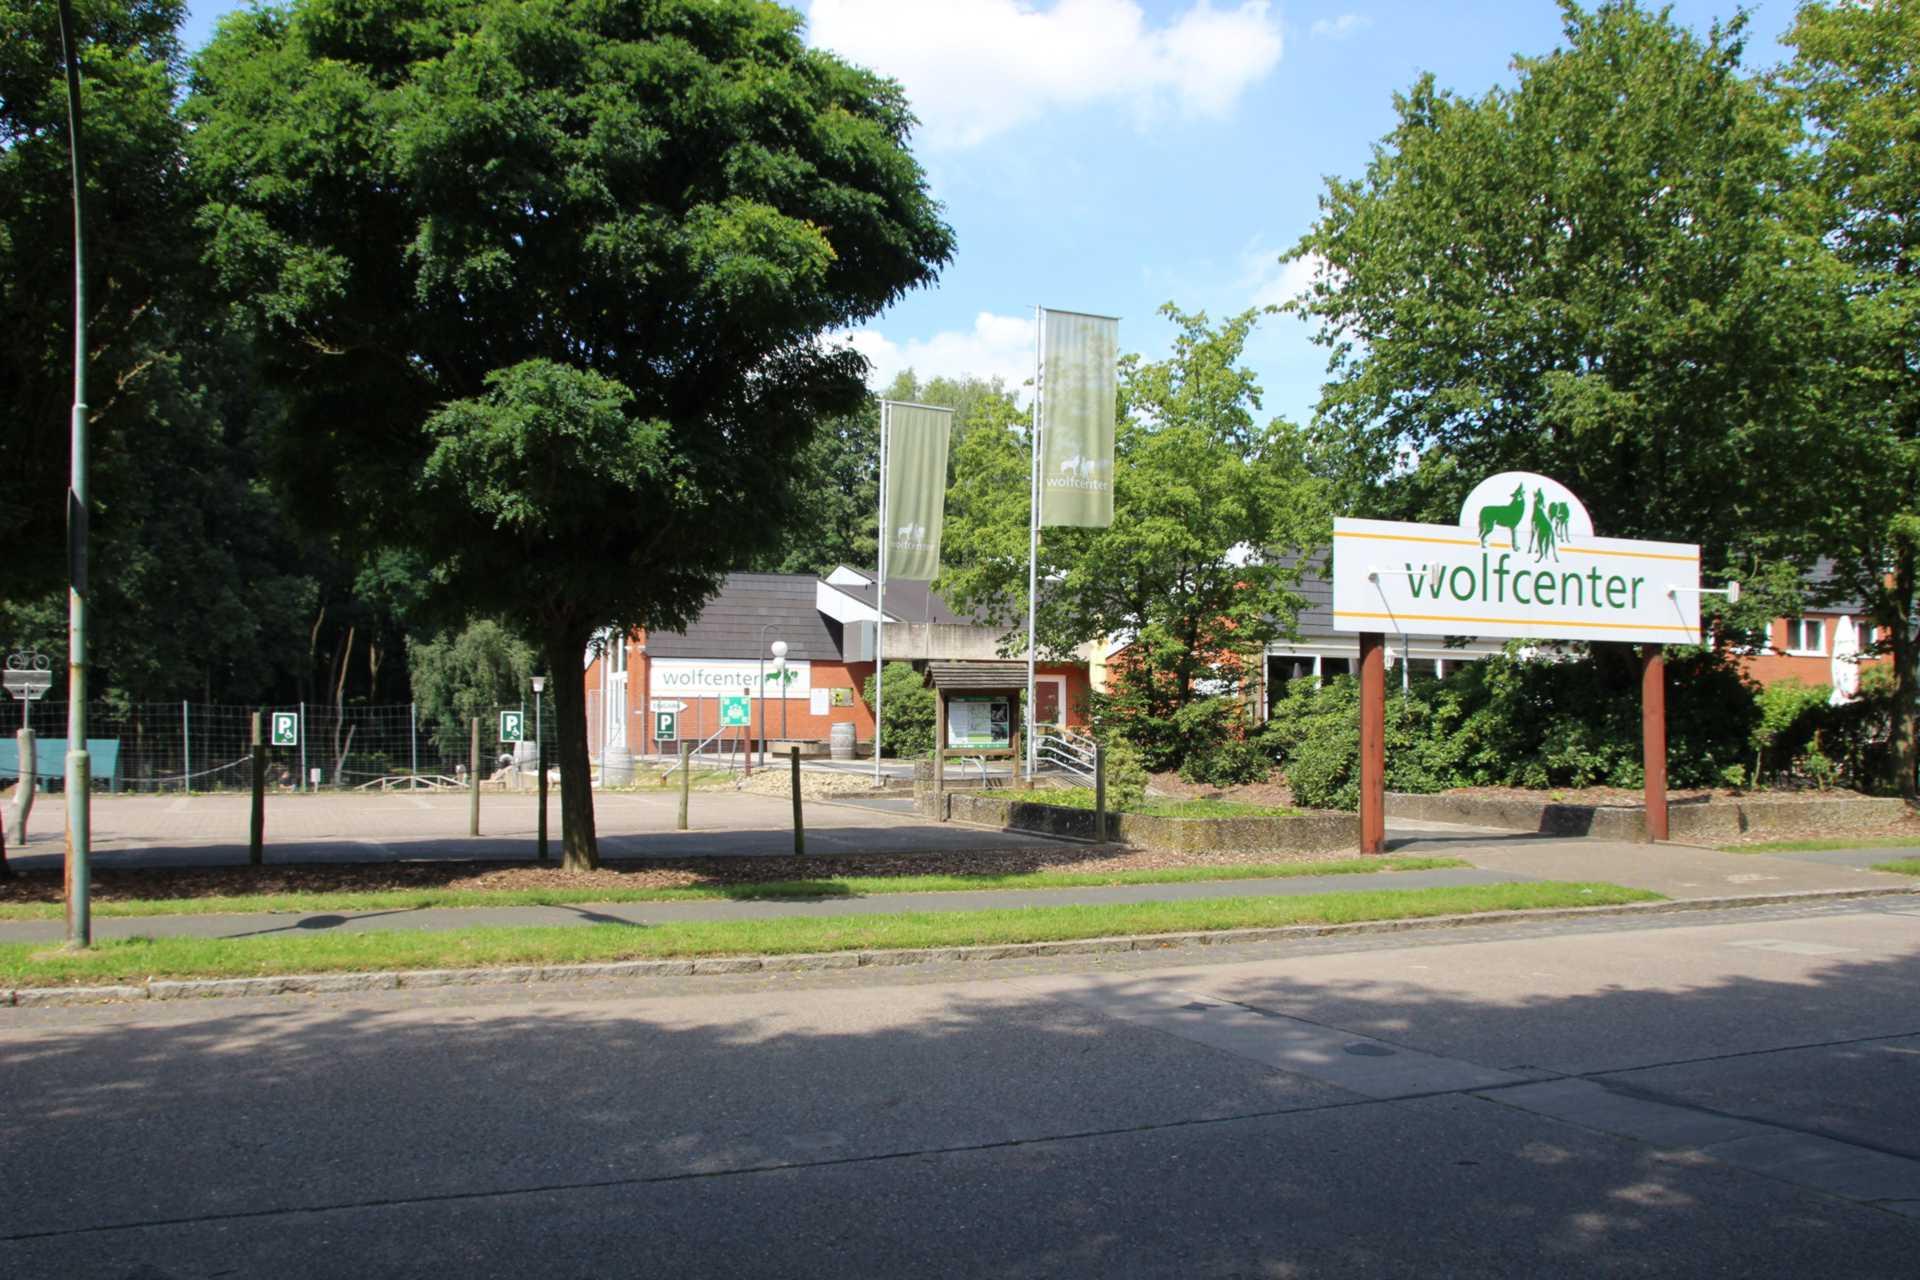 GemeindeDörverdenwolfcenter.JPG